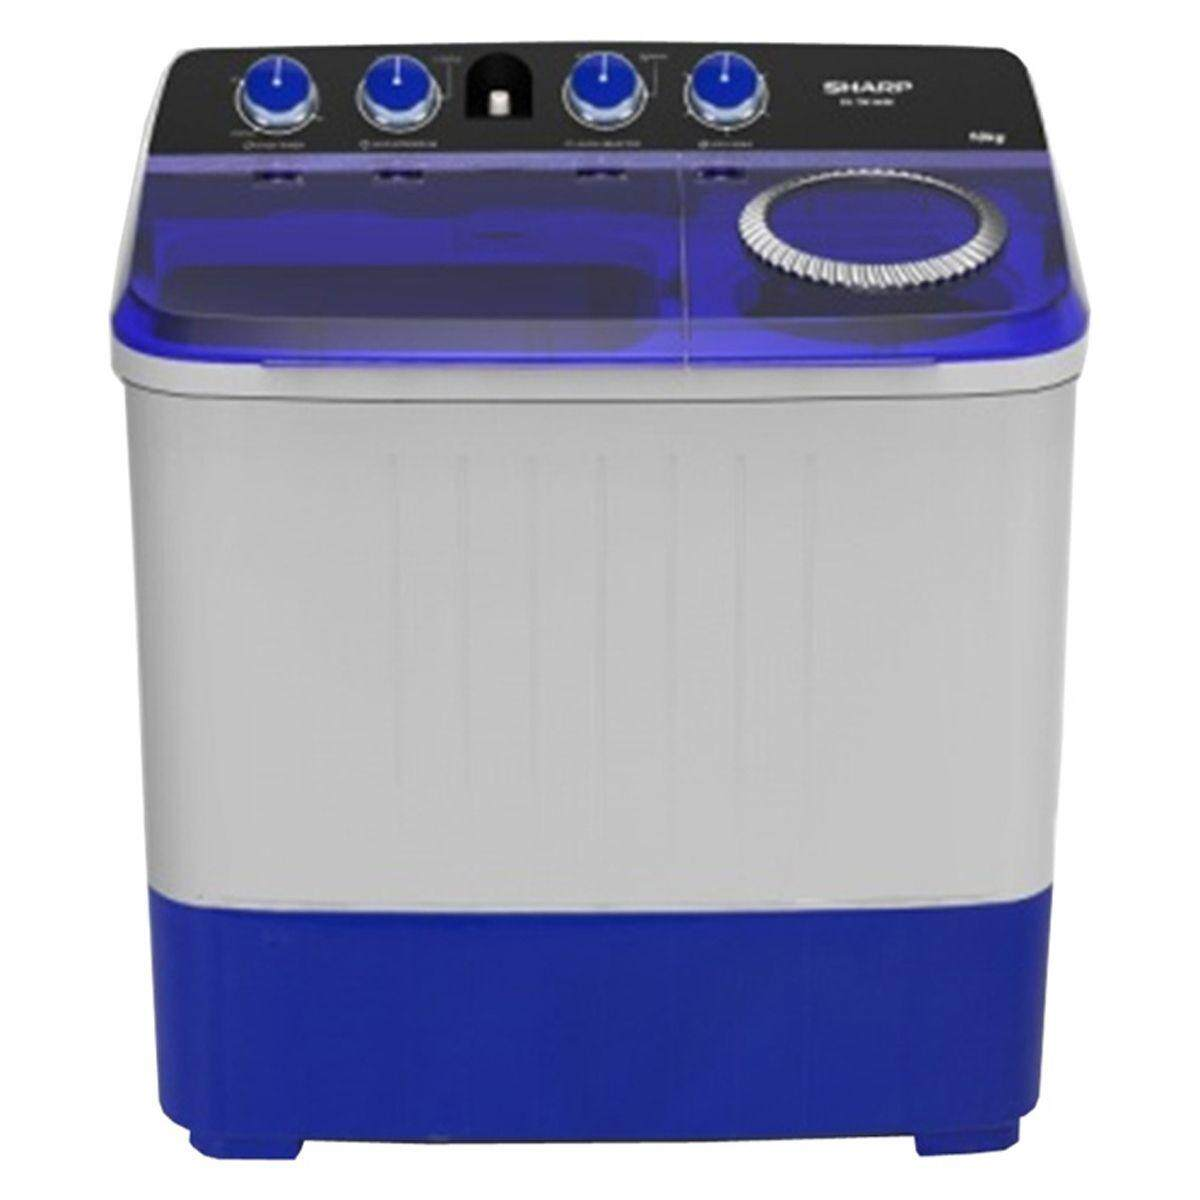 ลดล้างสต๊อก เครื่องซักผ้า Beko ลด -20% Beko (เครื่องซักผ้า 8 กก.) รุ่น WMY 81283 SLB2 (สีเงิน) การจัดส่งในกรุงเทพและปริมณฑล กล้าลดราคาเพื่อคุณ